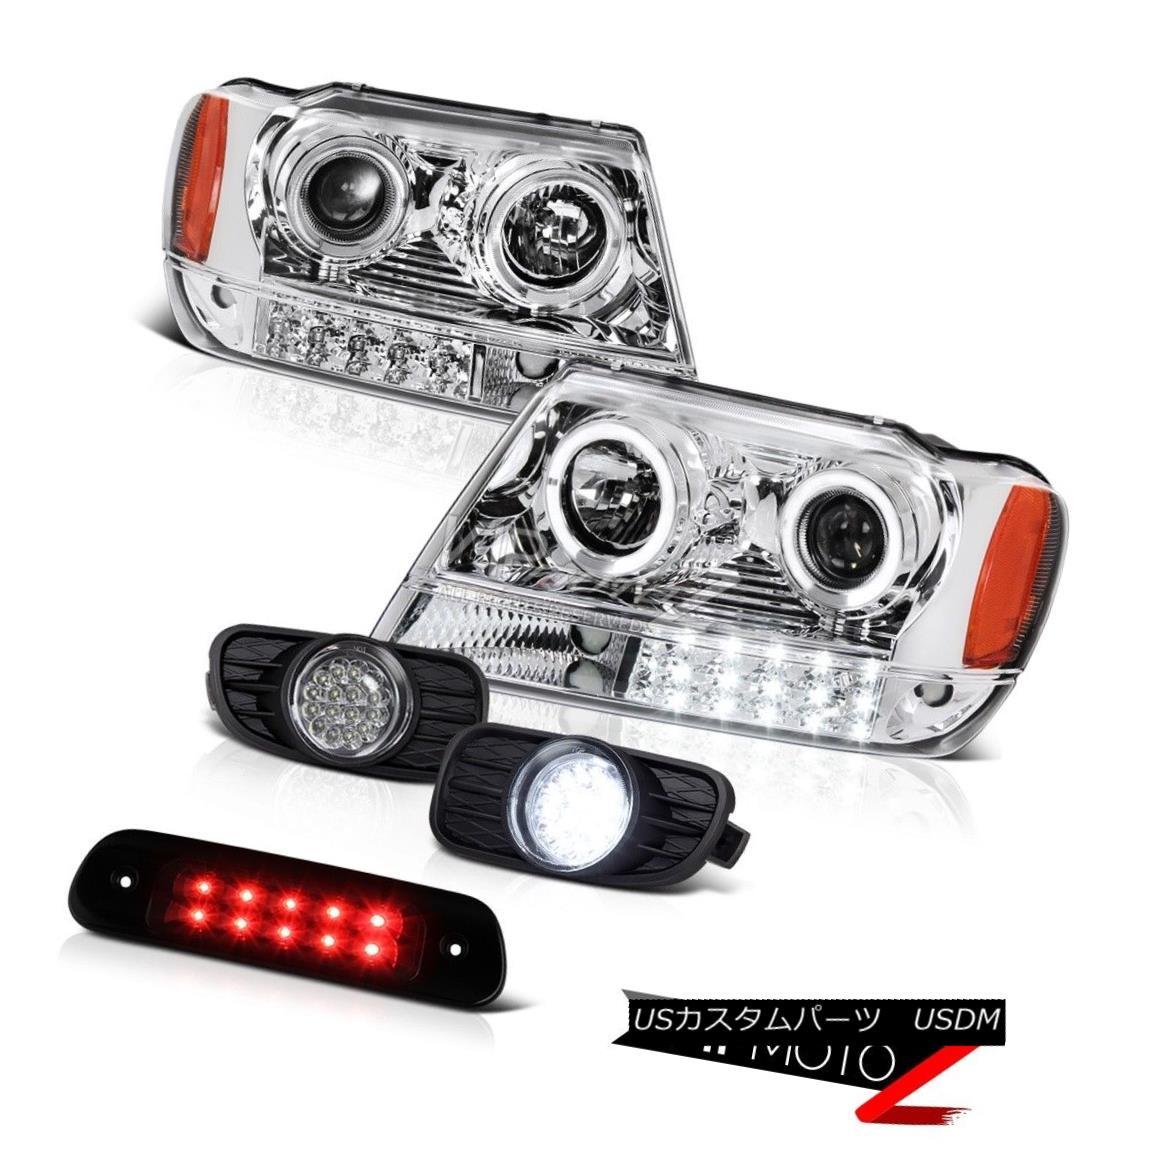 テールライト 99-03 Jeep Grand Cherokee WG 4WD Third Brake Light Fog Lamps Headlamps LED Bk 99-03ジープグランドチェロキーWG 4WD第3ブレーキライトフォグランプヘッドランプLED Bk